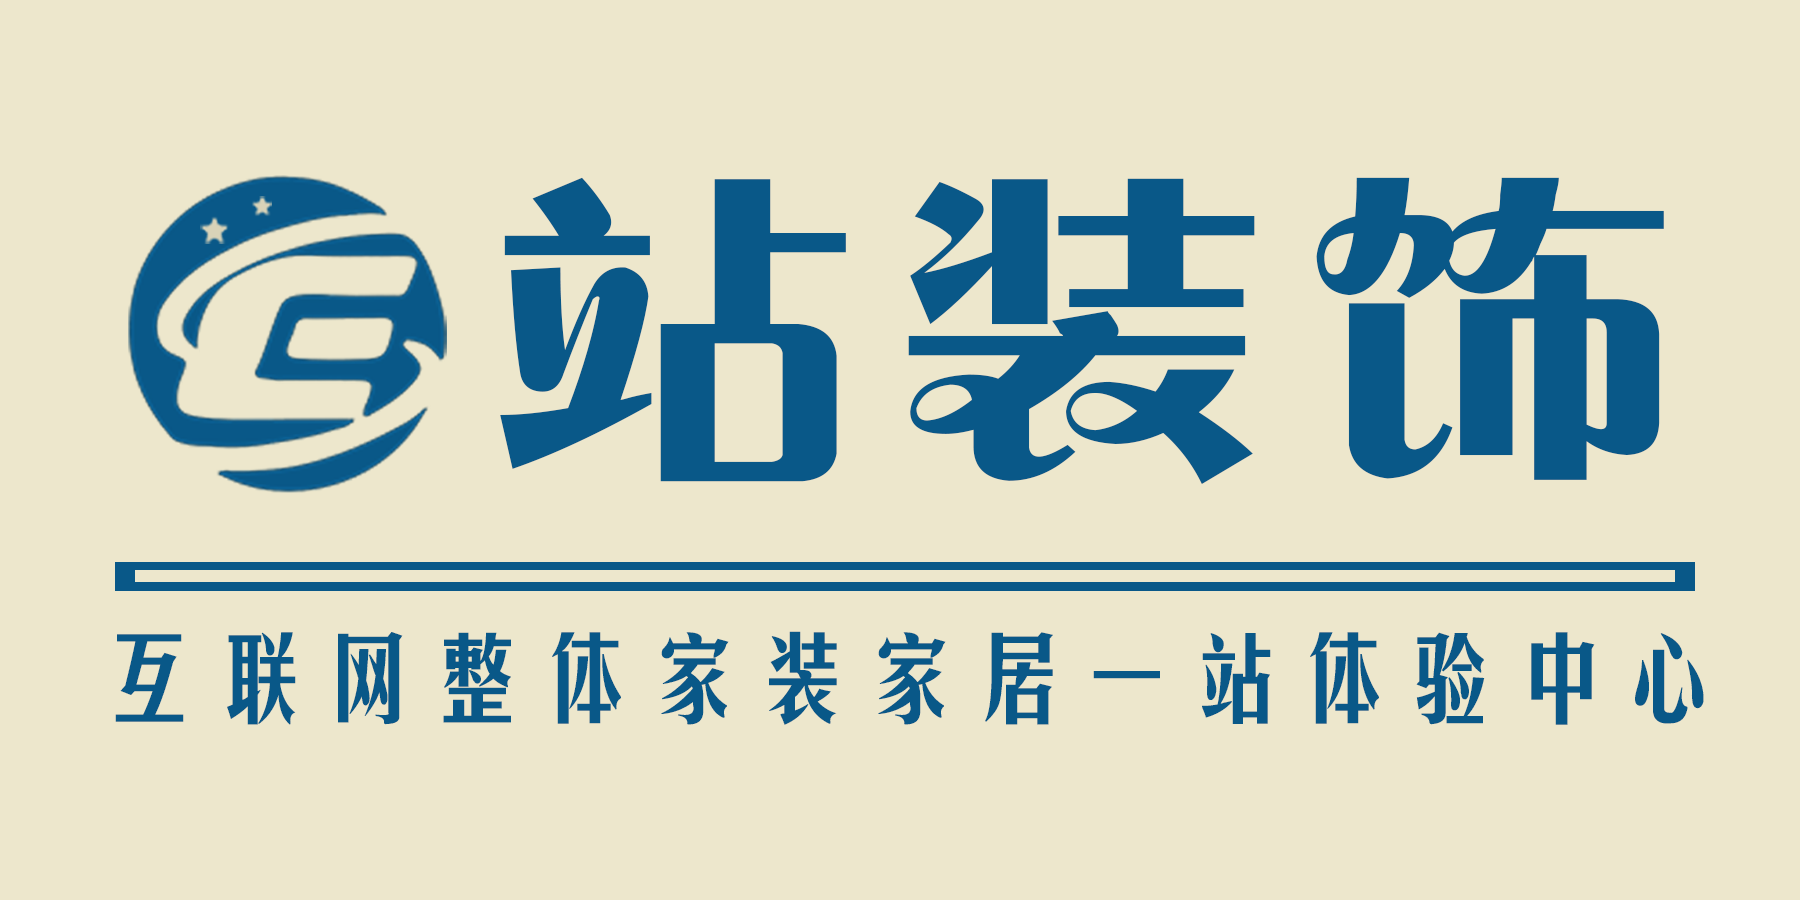 苍溪县E站装修装饰有限公司